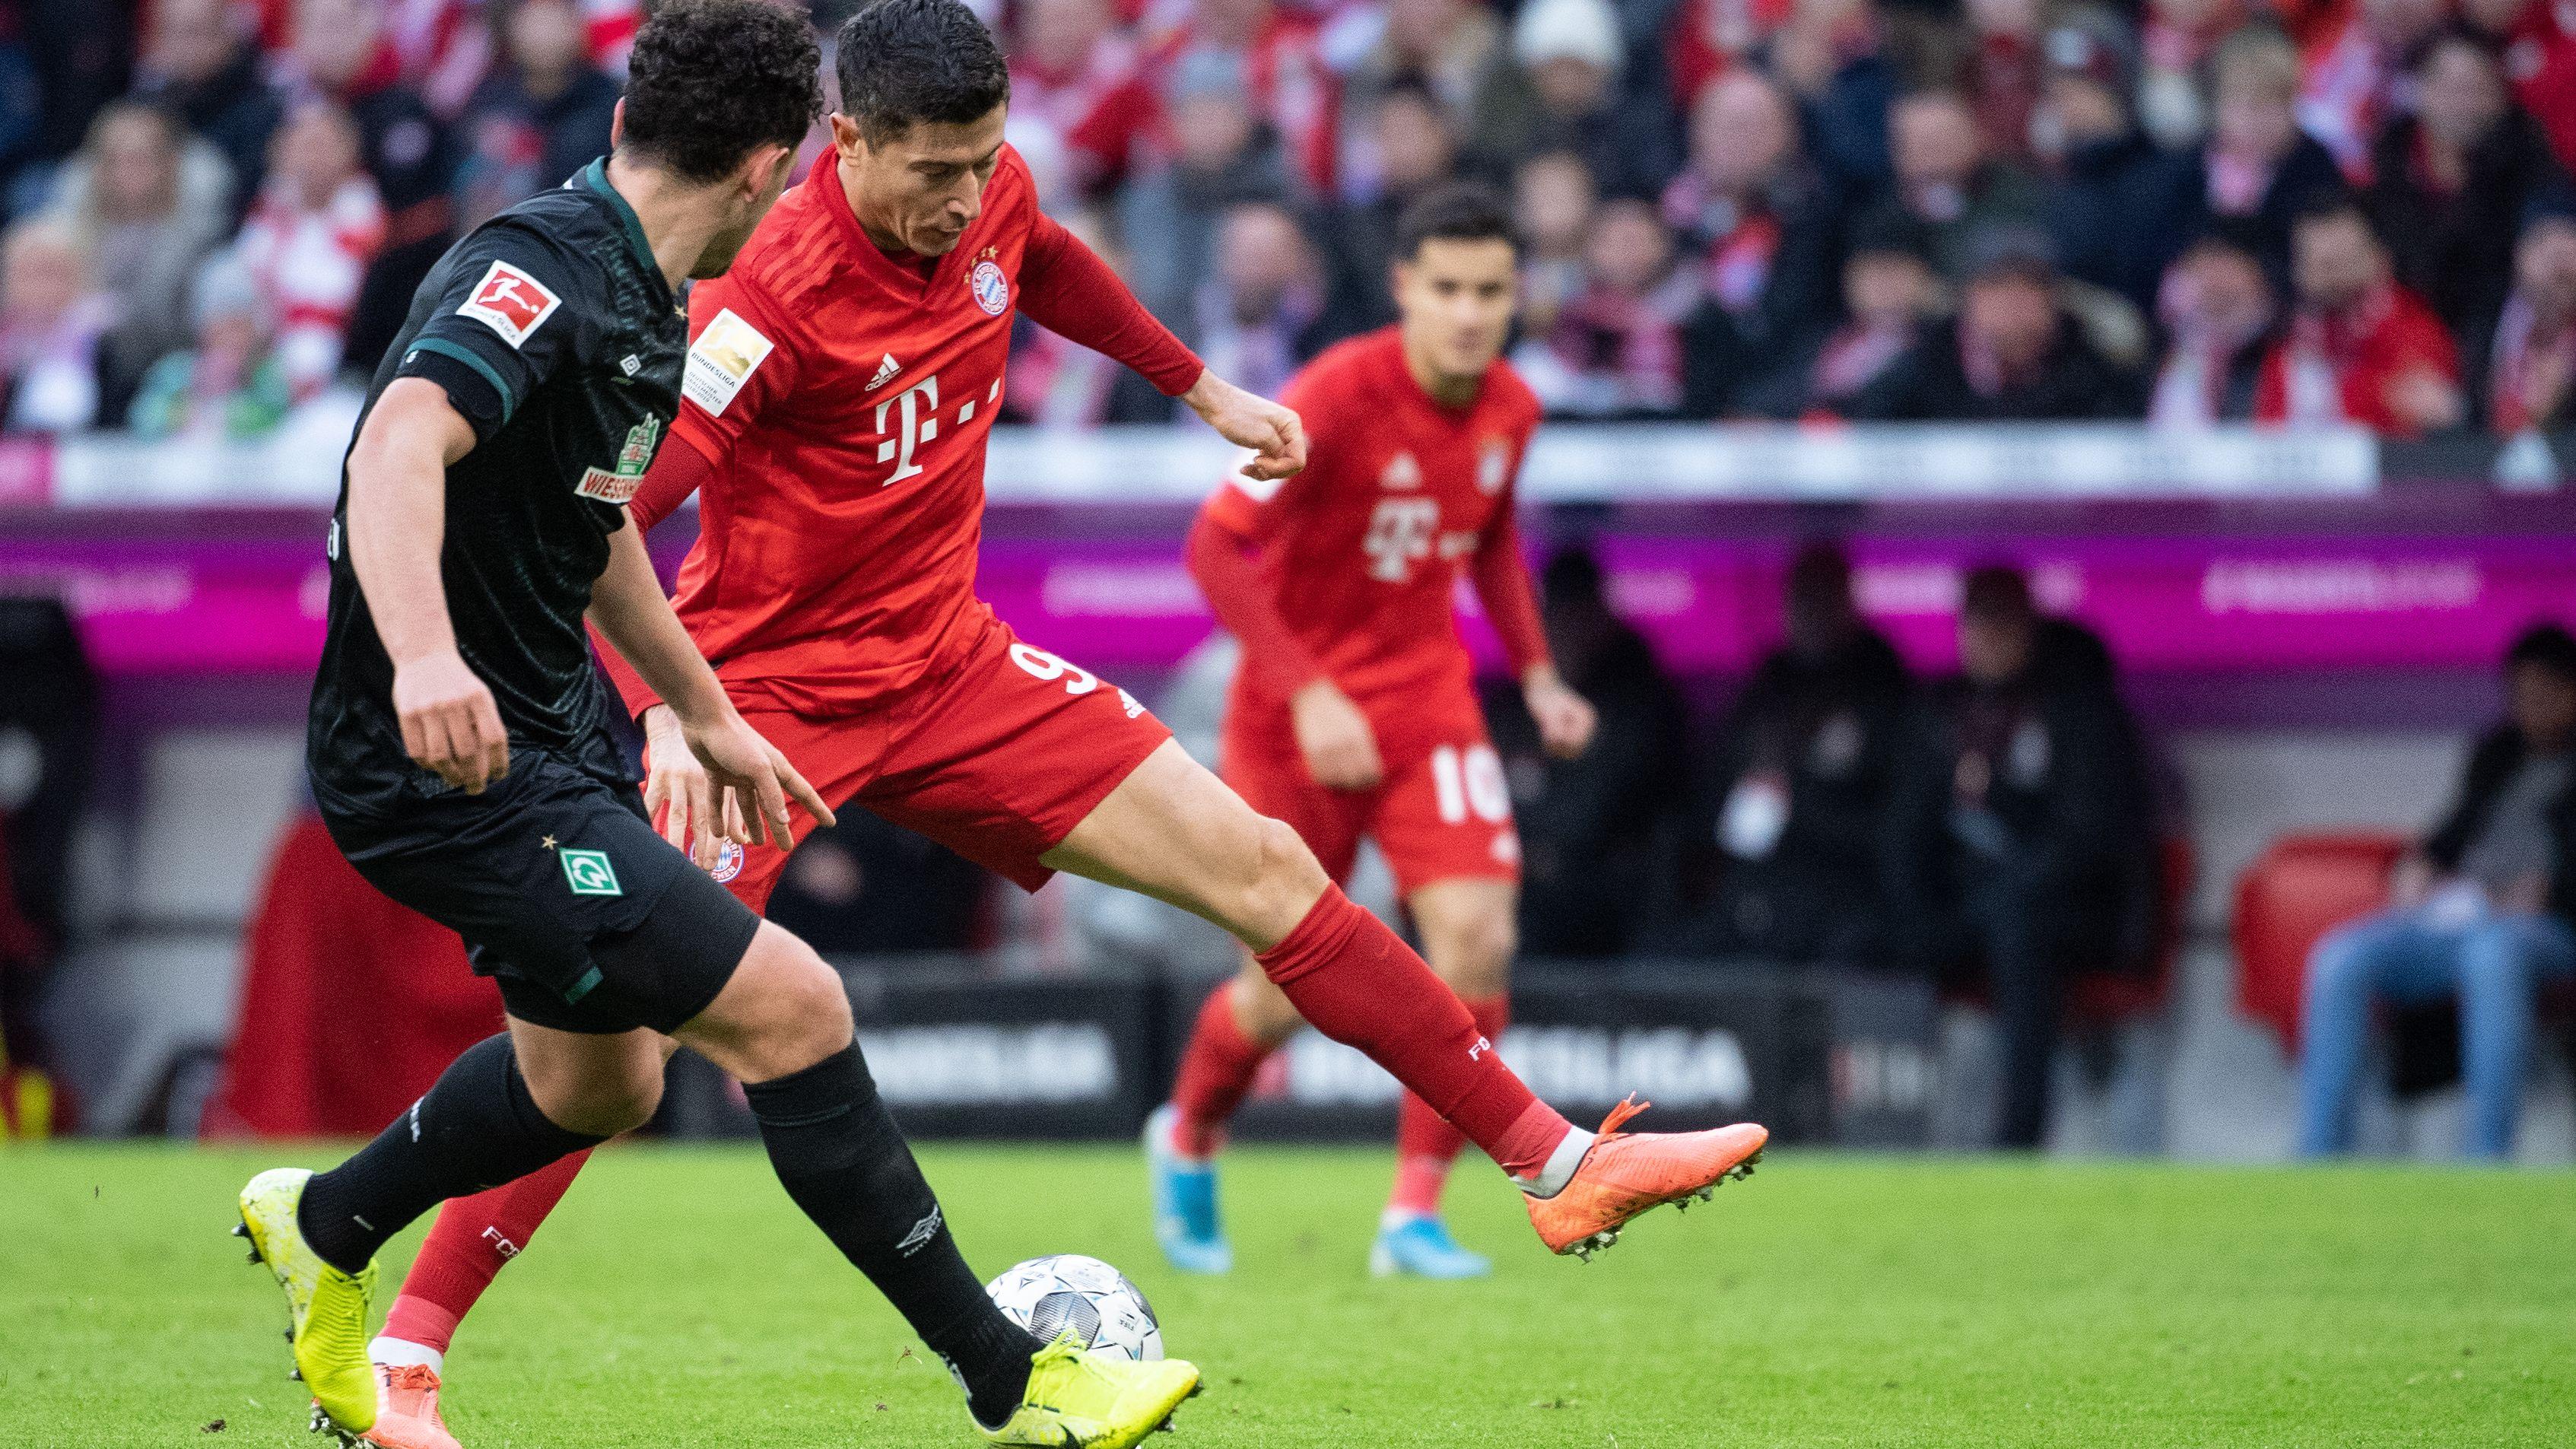 Stürmer Robert Lewandowski vom FC Bayern